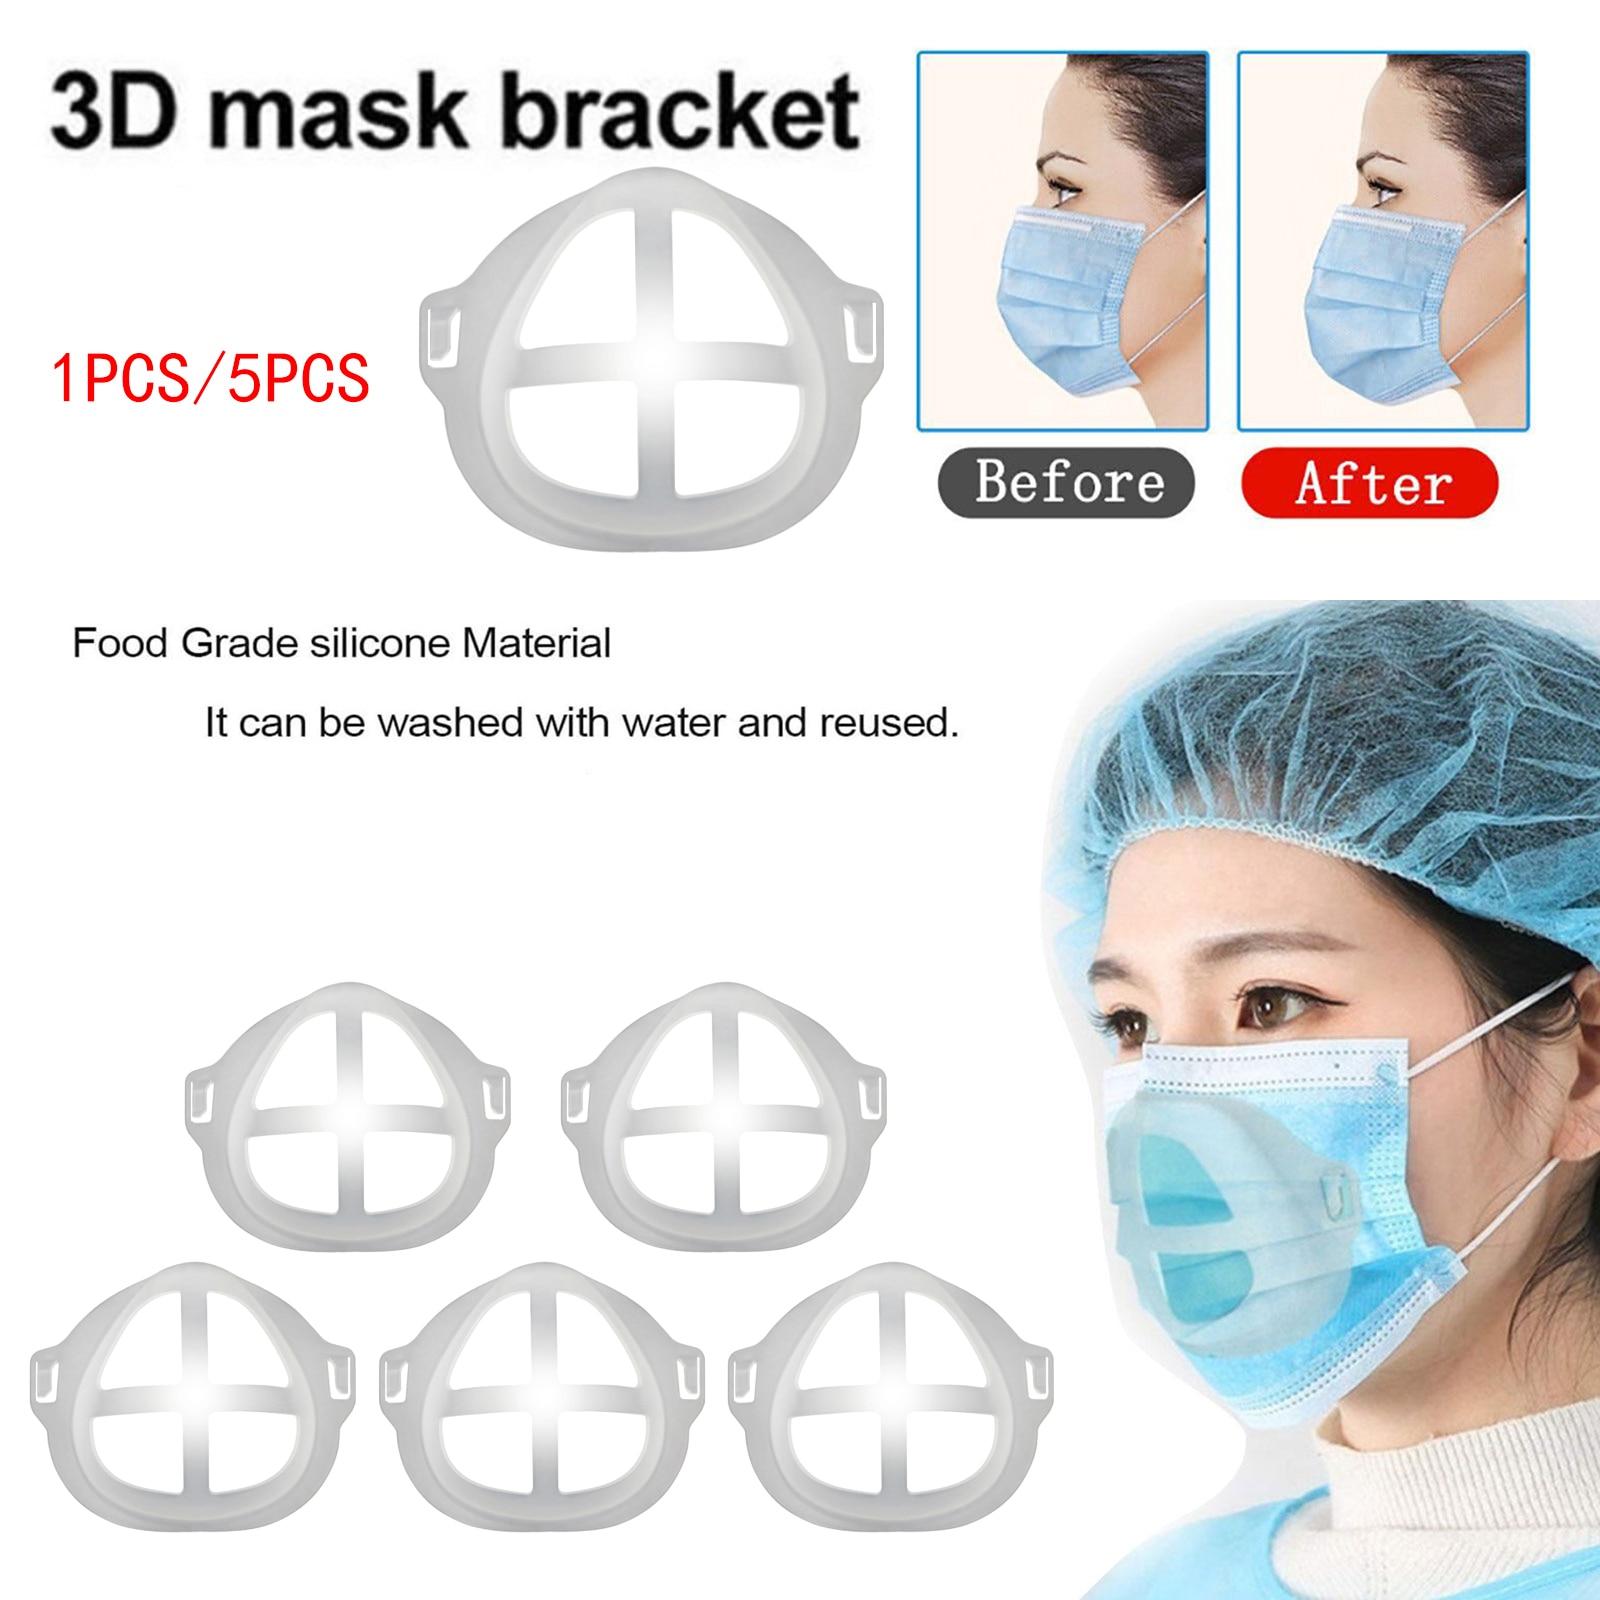 5 шт., 3D маска, кронштейн, внутренняя опора, держатель для маски, дышащая моющаяся Крышка для рта, пластиковый кронштейн, дышащая маска, поддер...